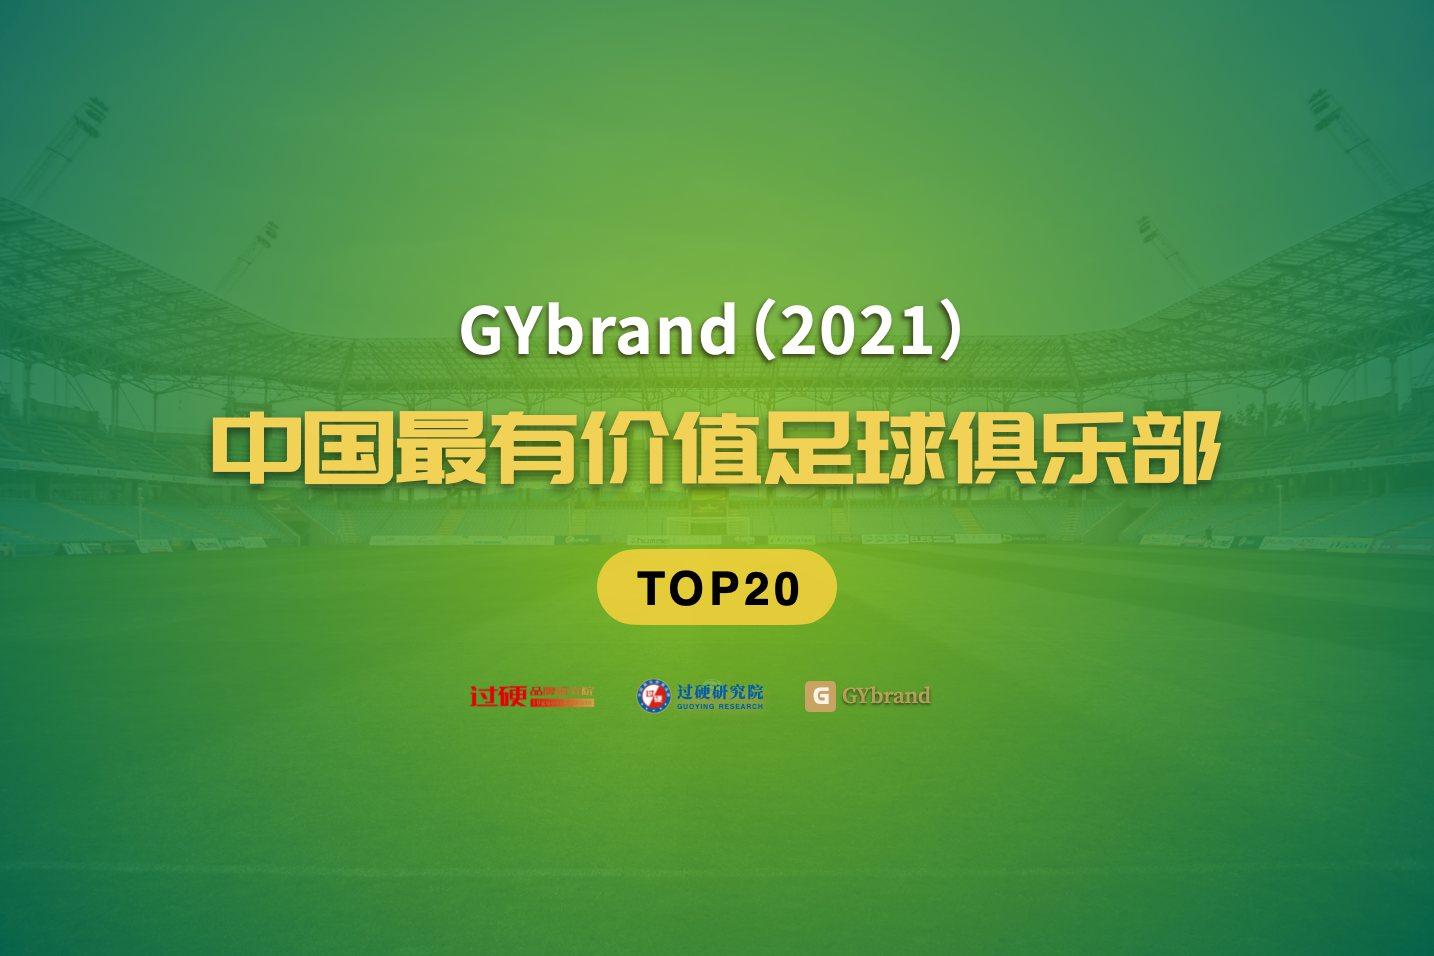 2021中国最有价值足球俱乐部20强:广州第1,深圳升至第6